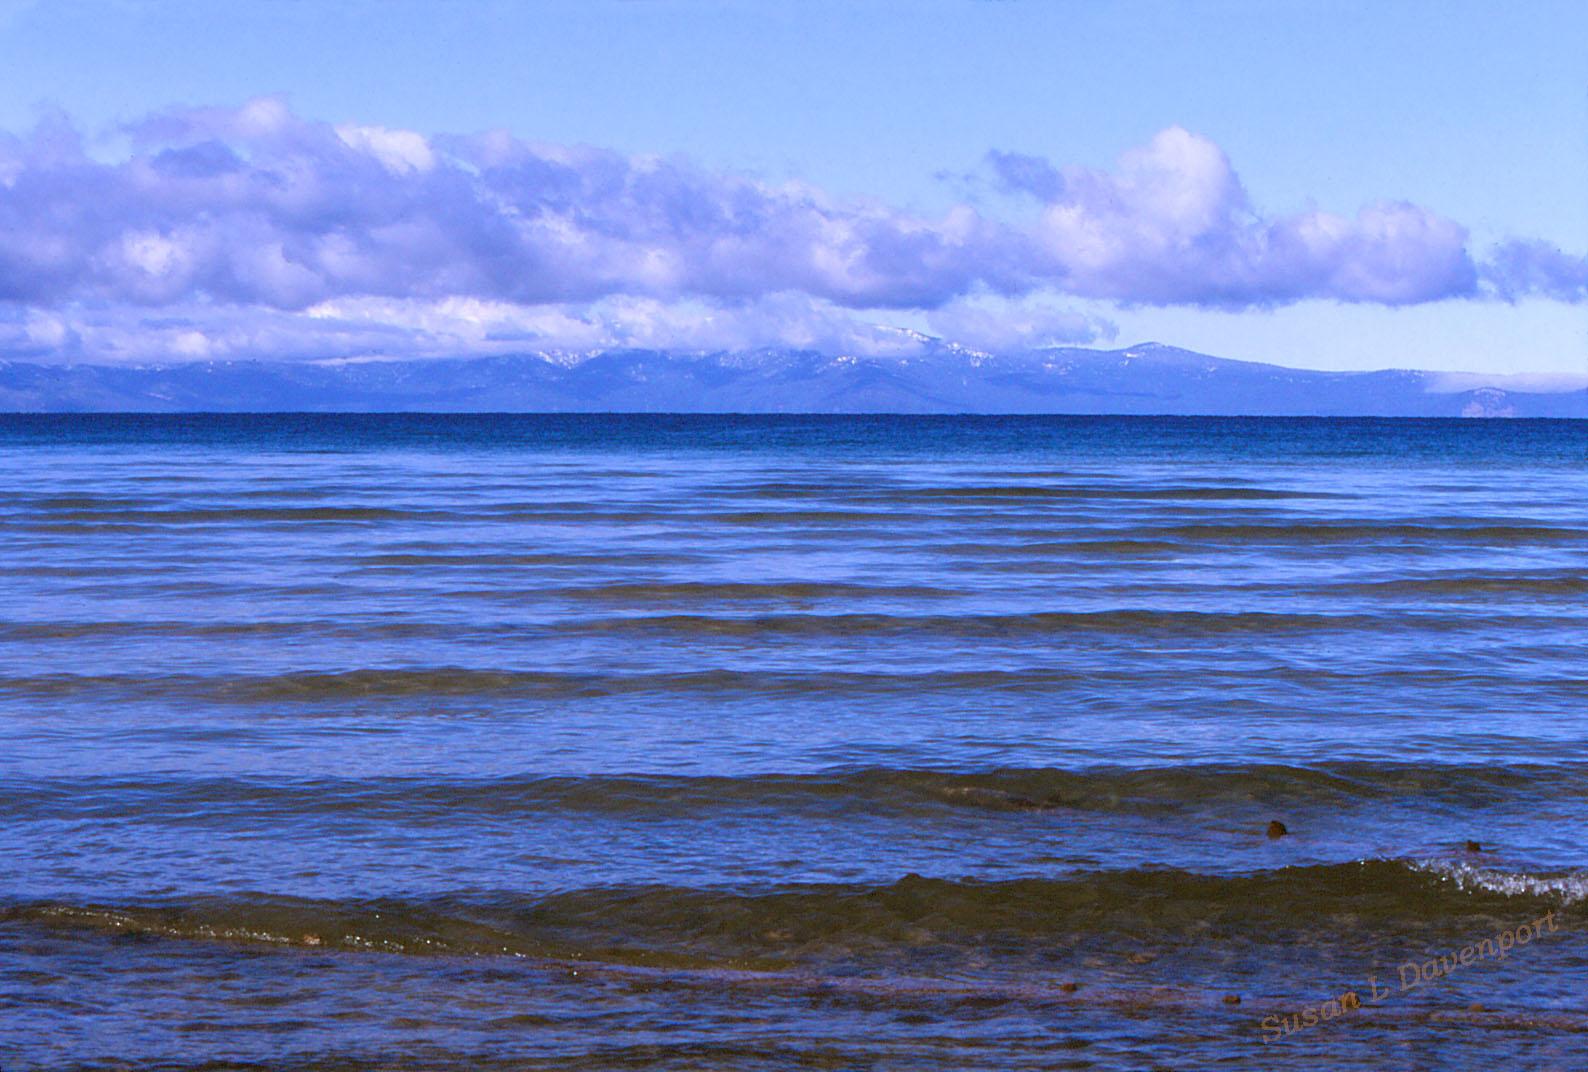 Lake Tahoe - Photo by Susan L. Davenport